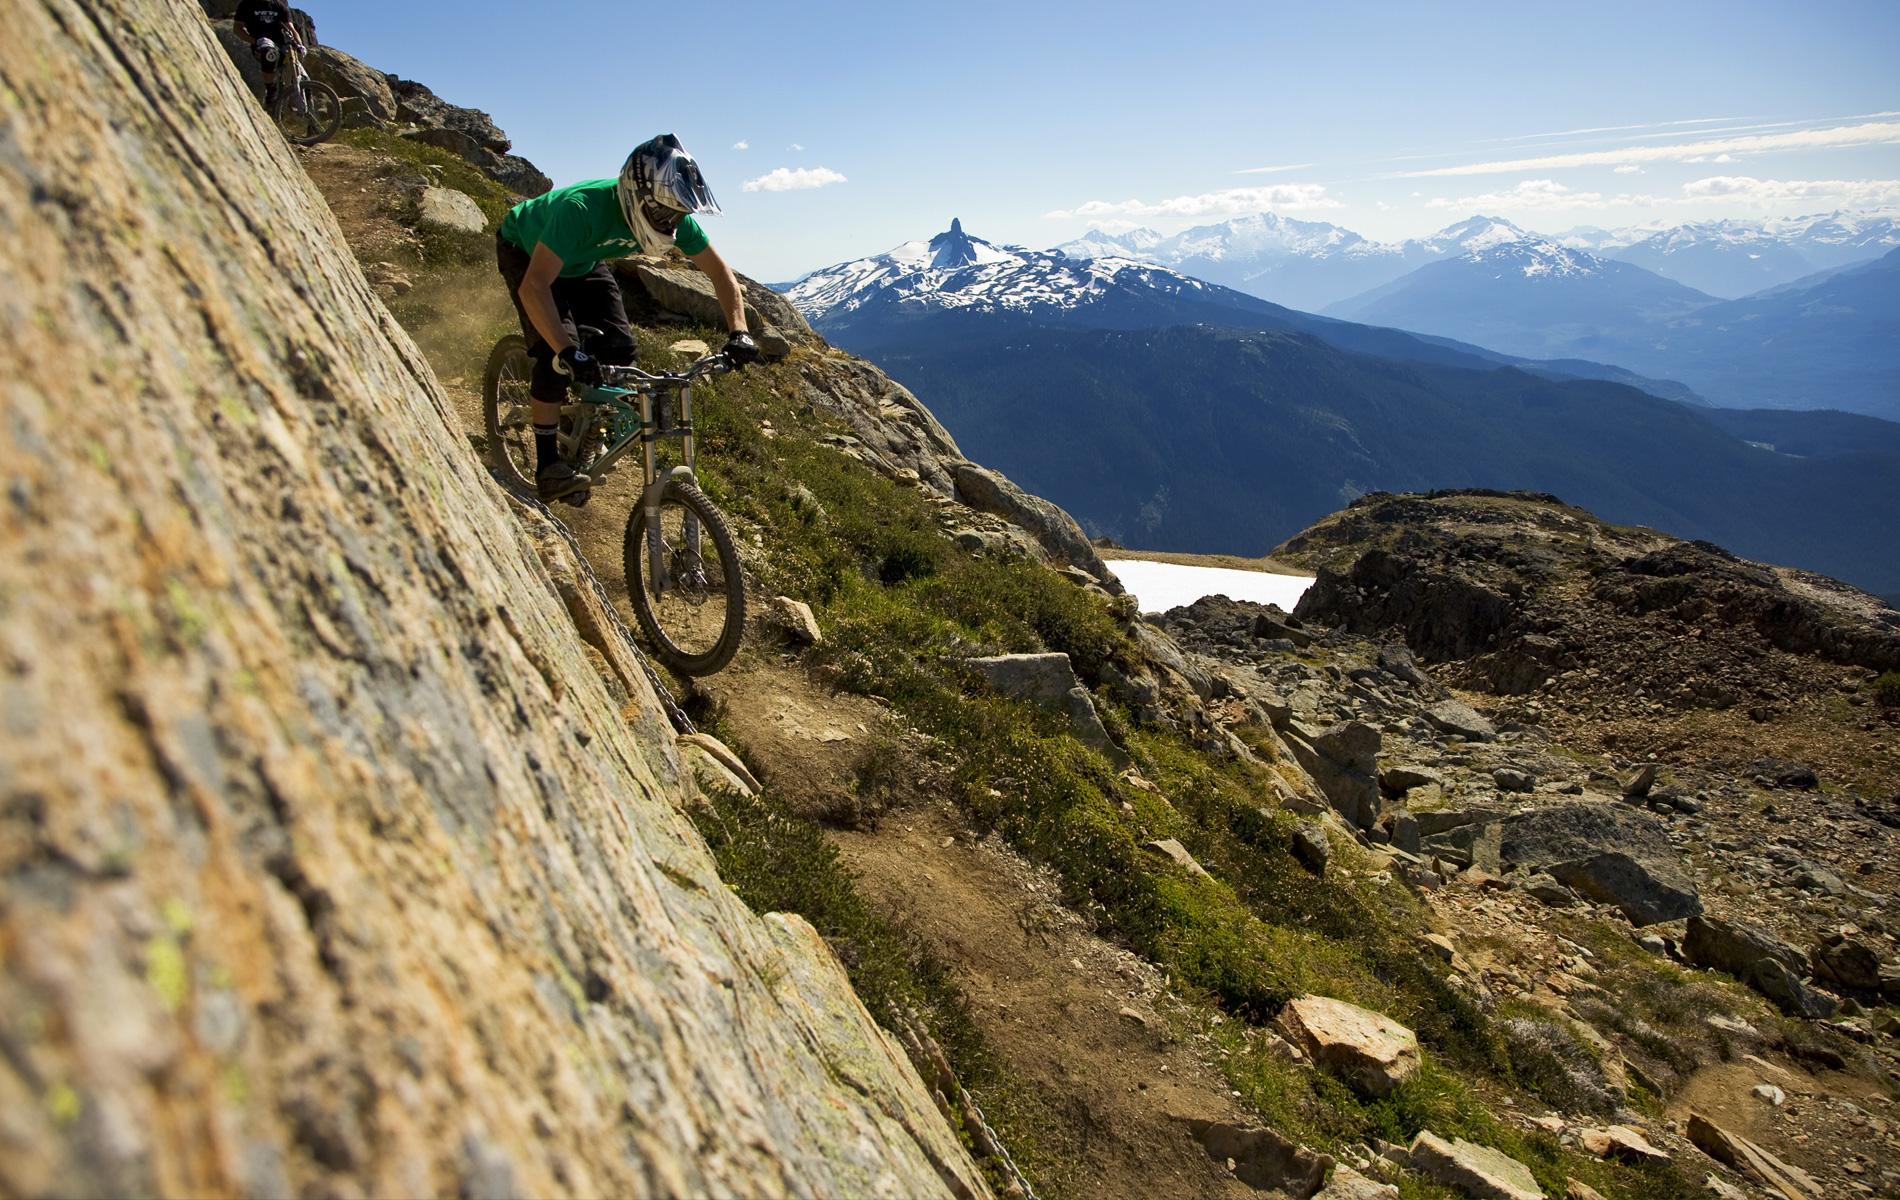 Ciclismo de montana - 1900x1200